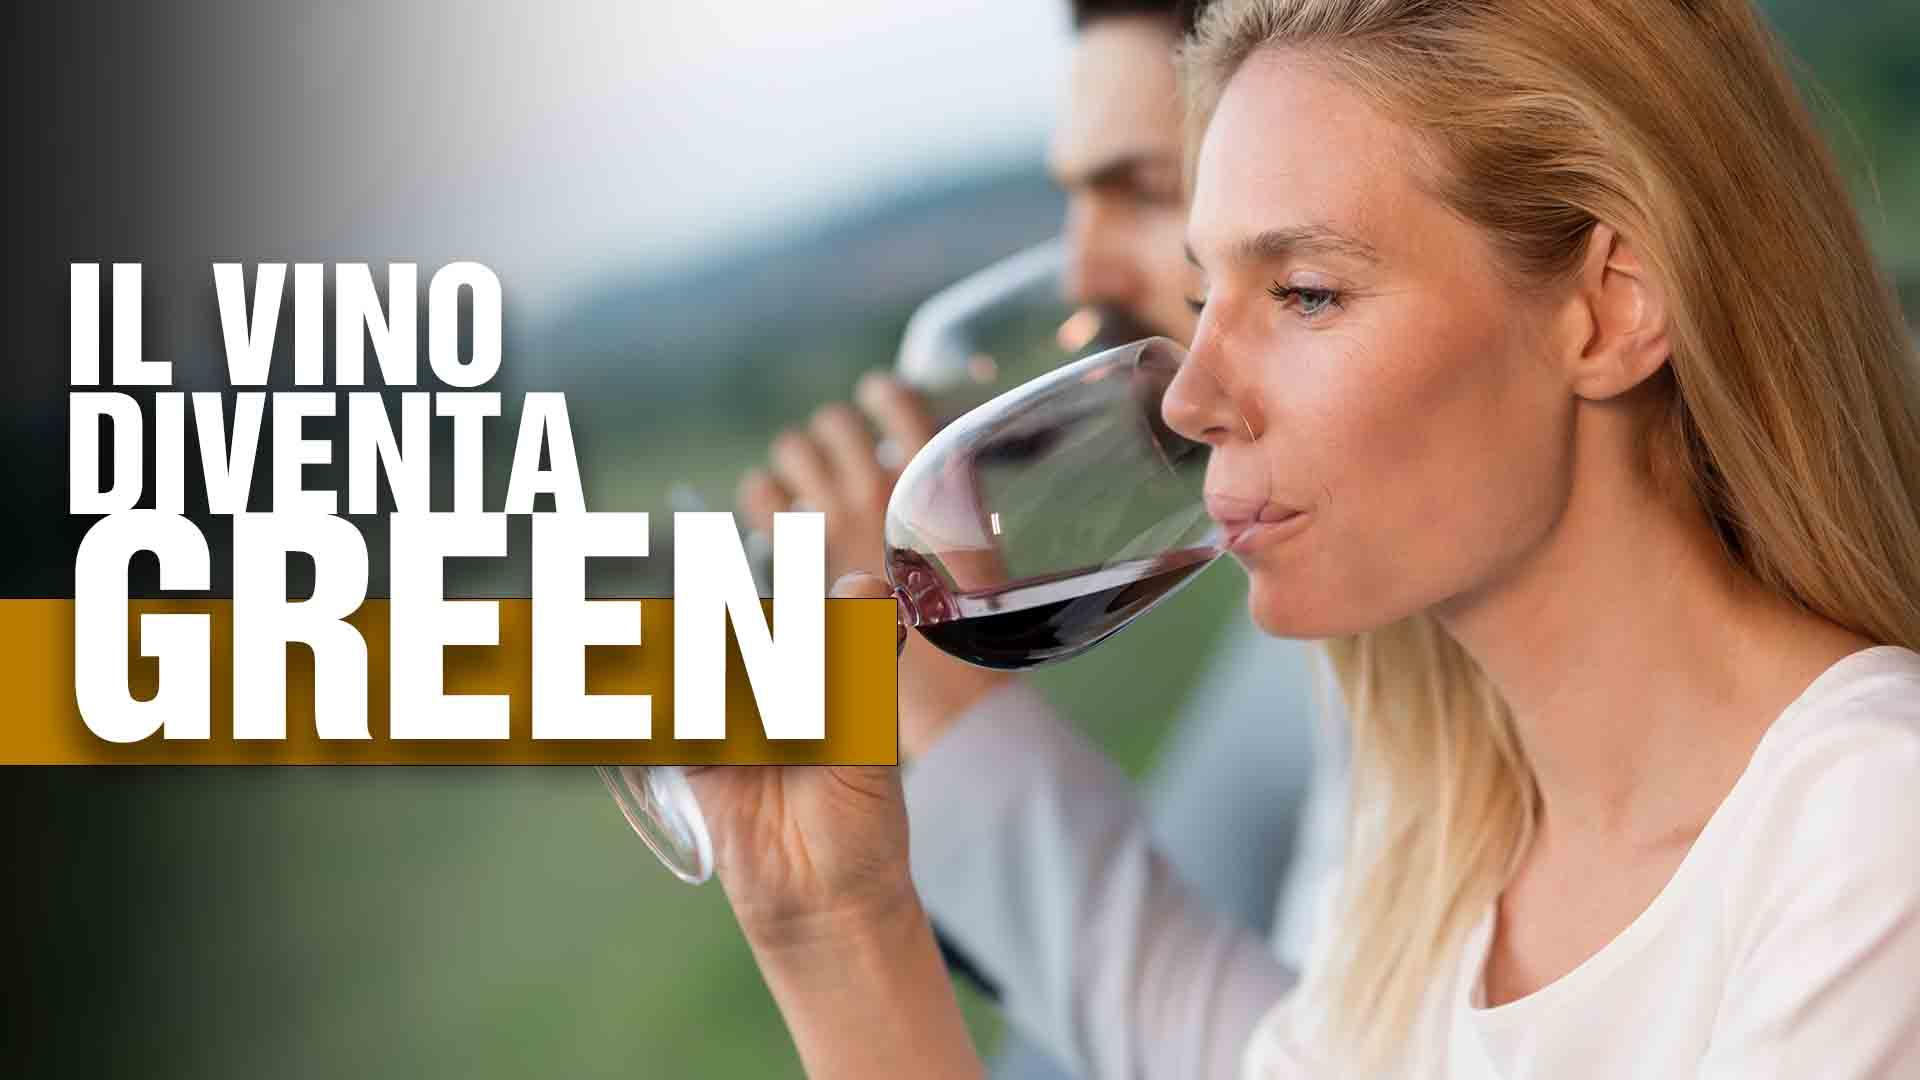 vino green